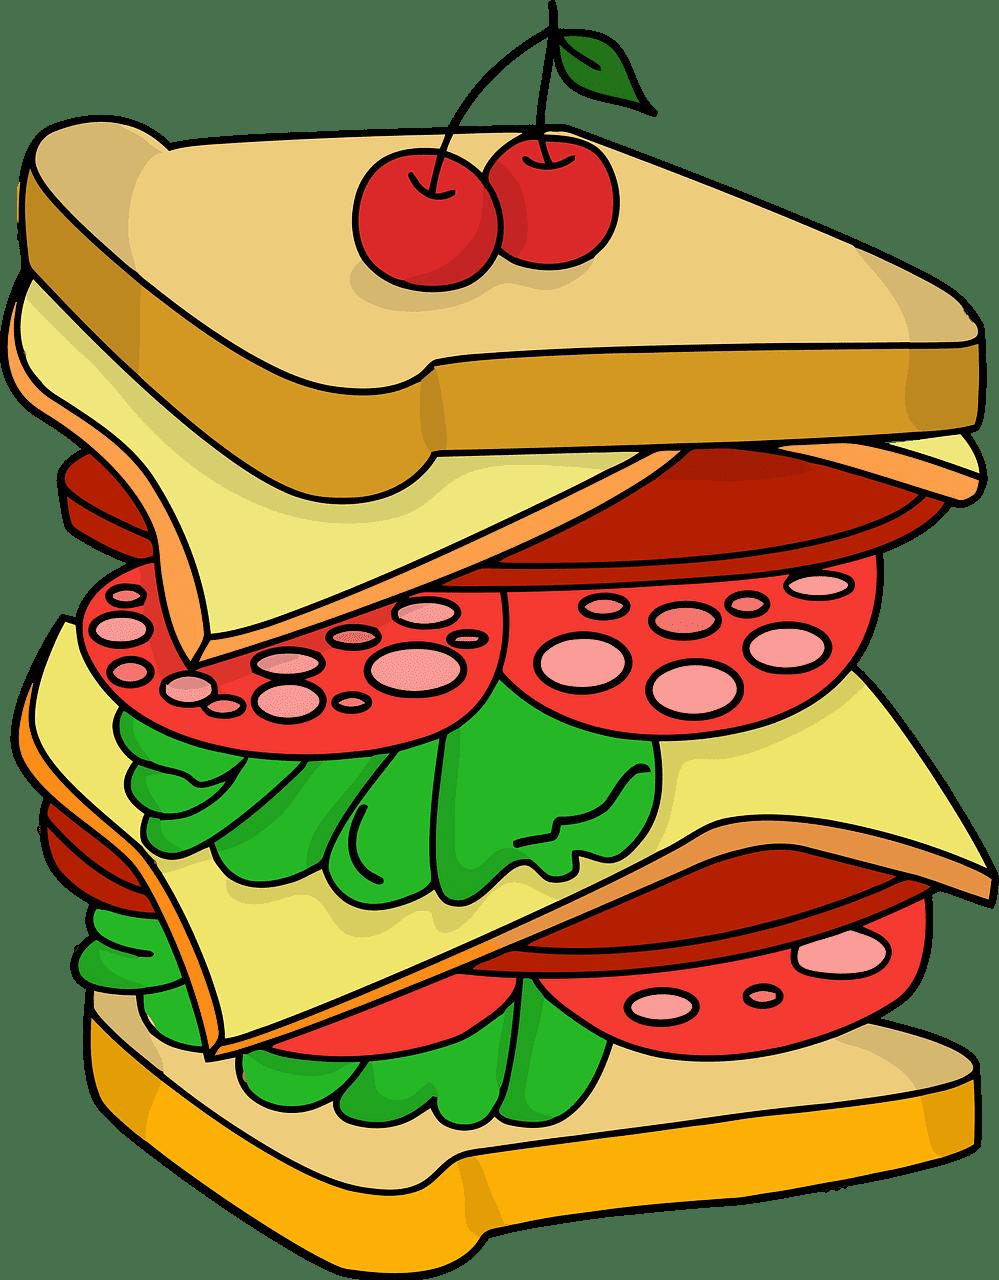 Sandwich clipart transparent background 2